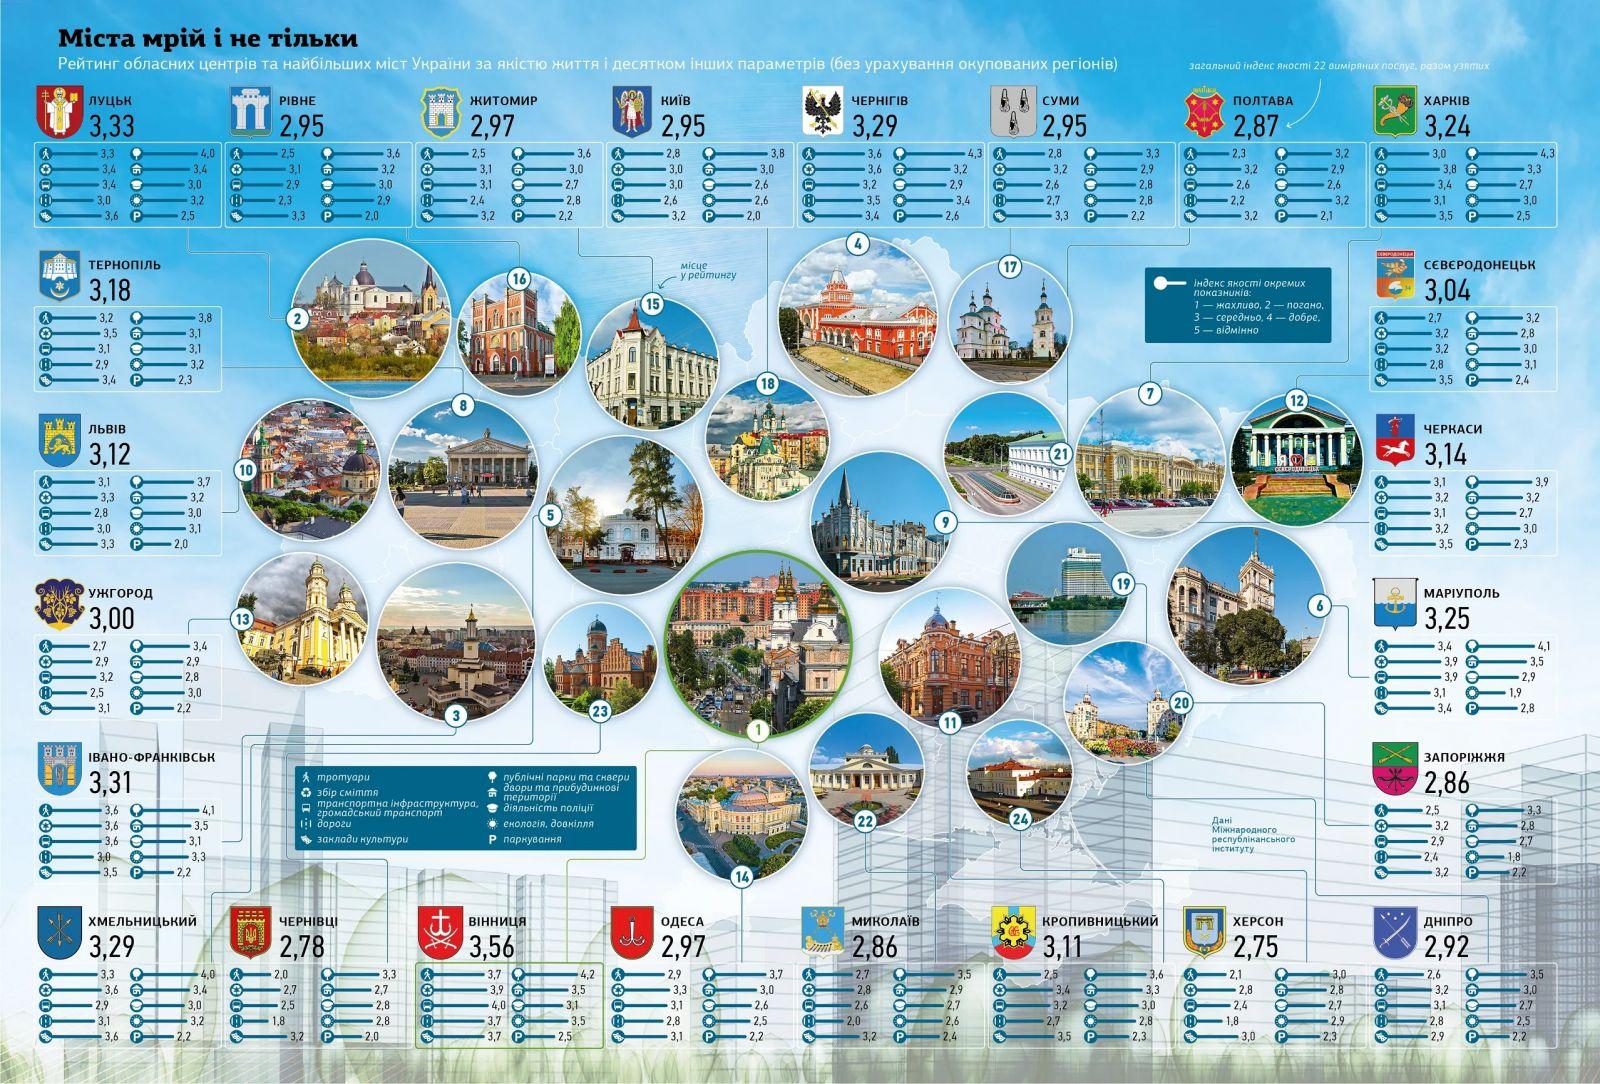 Рейтинг областных центров и крупных городов Украины, инфографика: НВ